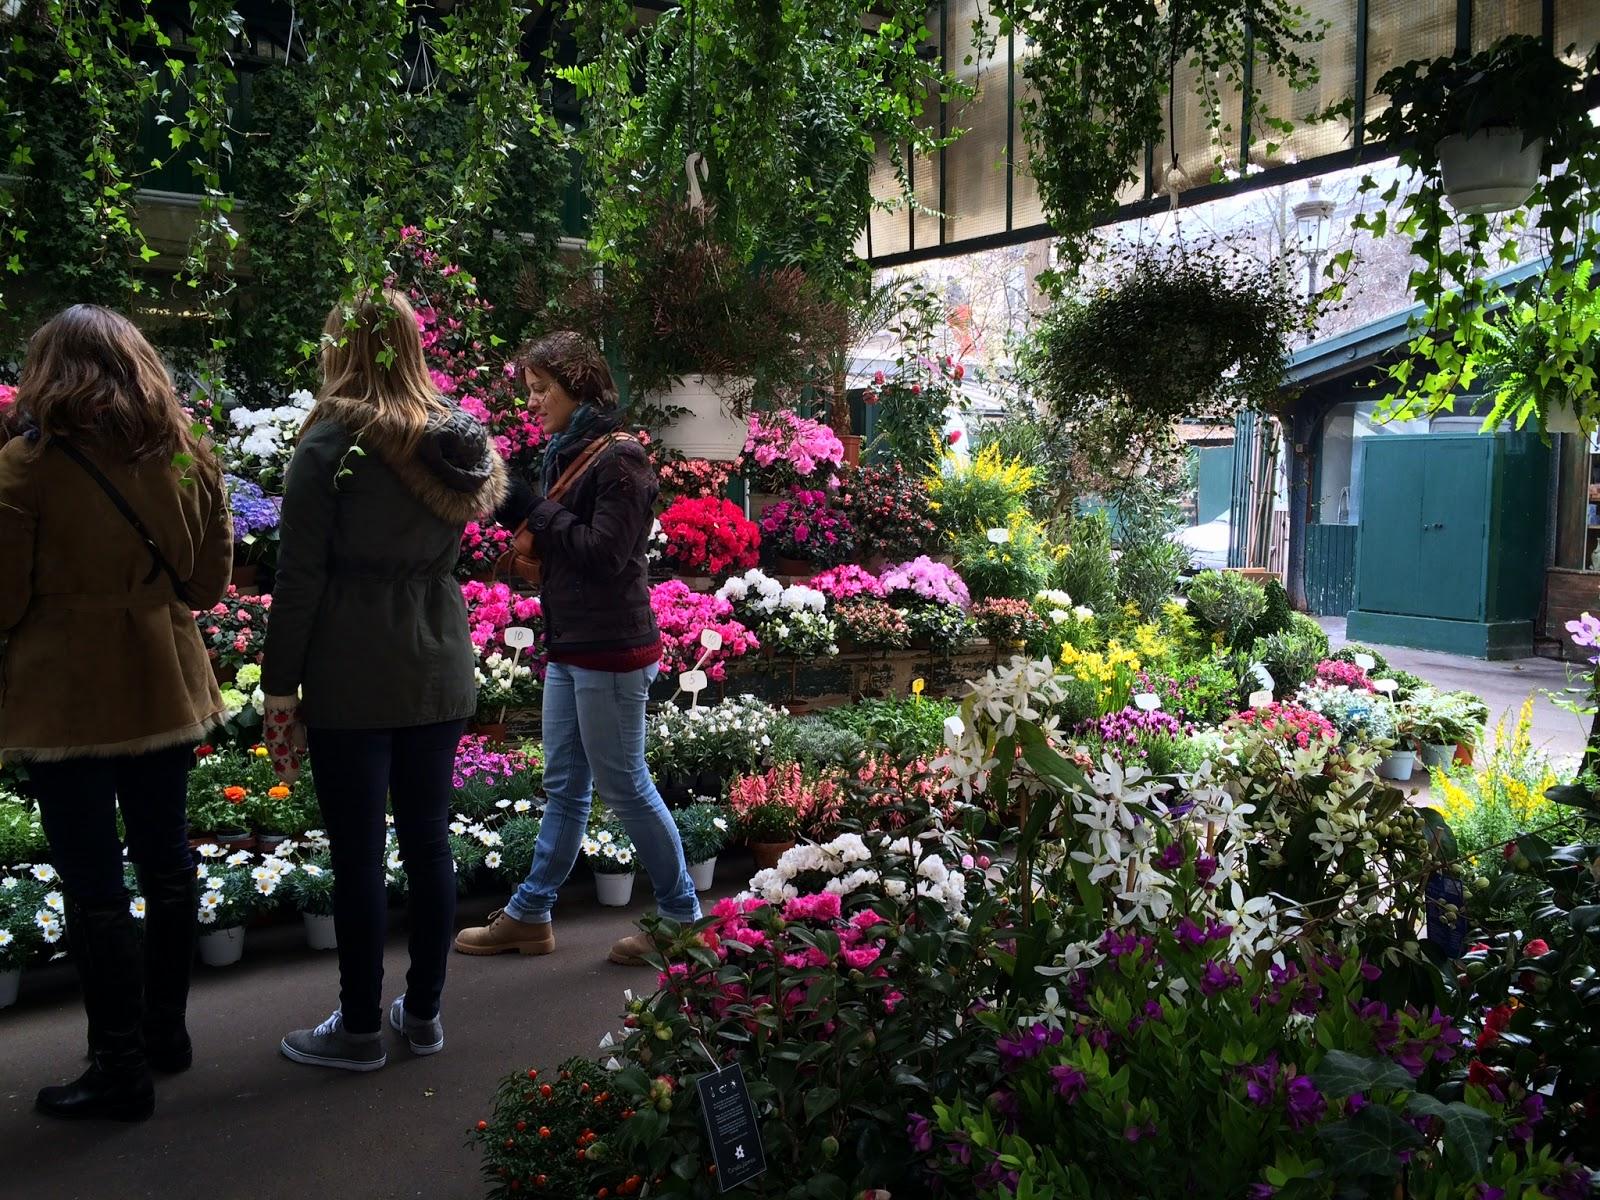 Pic of the Paris Flower Market in Place Louis Lépine